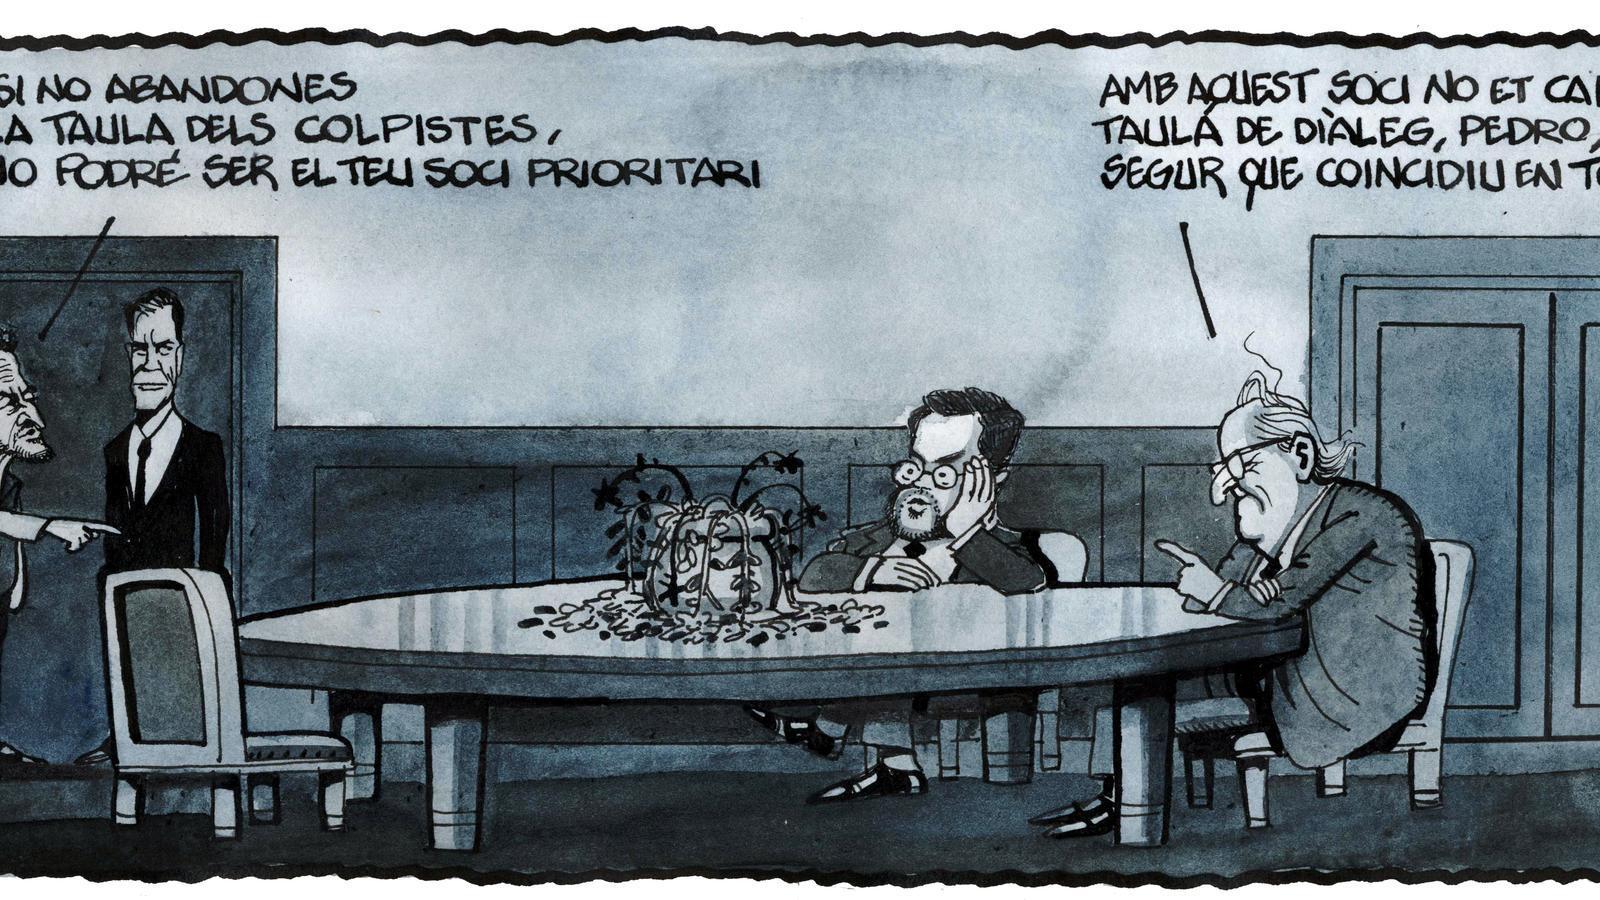 'A la contra', per Ferreres 02/07/2020